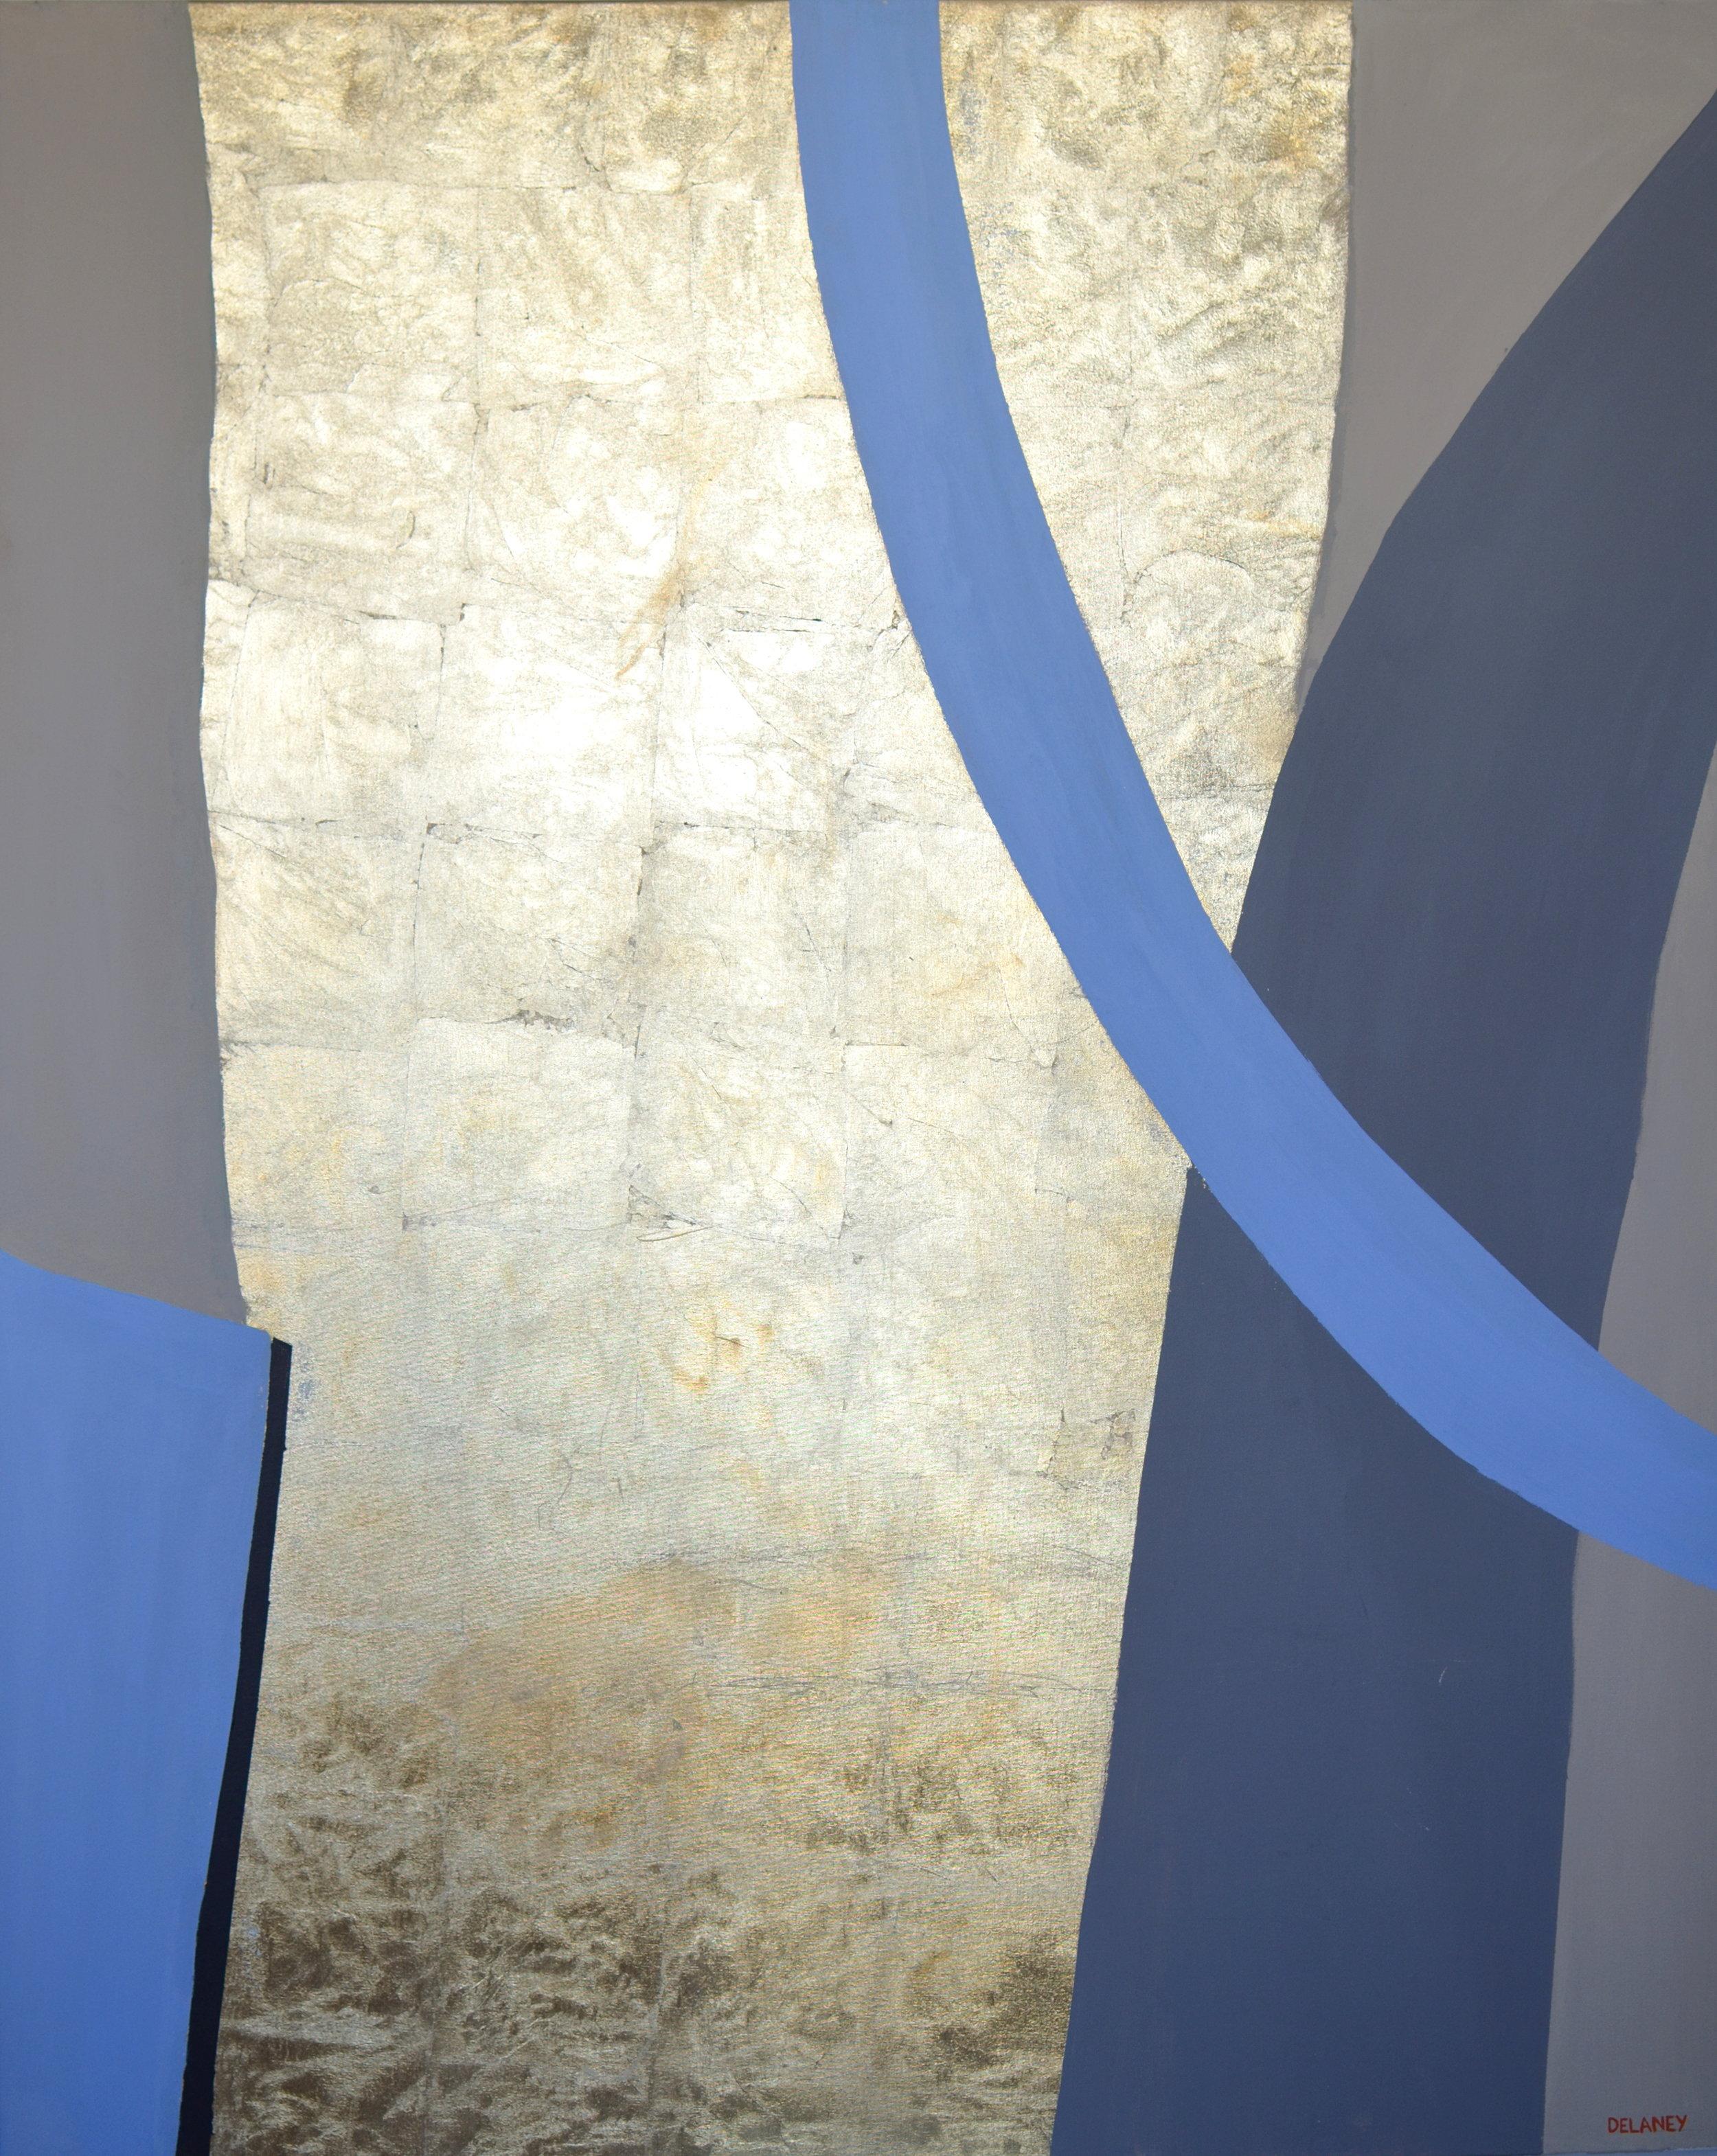 Club Triptych #1  Gold leaf and acrylic on canvas (161x121cm)